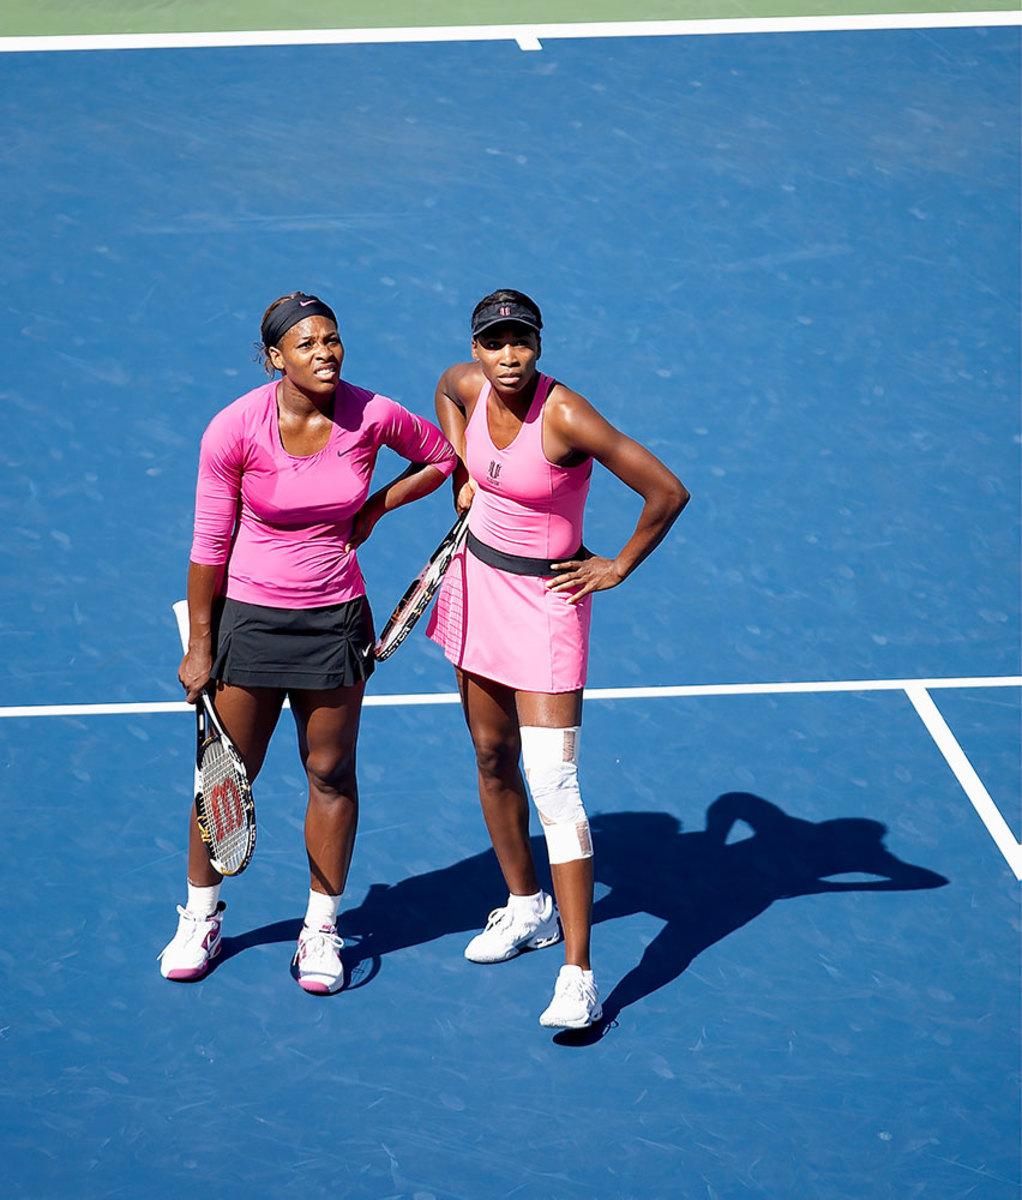 2009-0914-Serena-Venus-Williams-opi1-59239.jpg